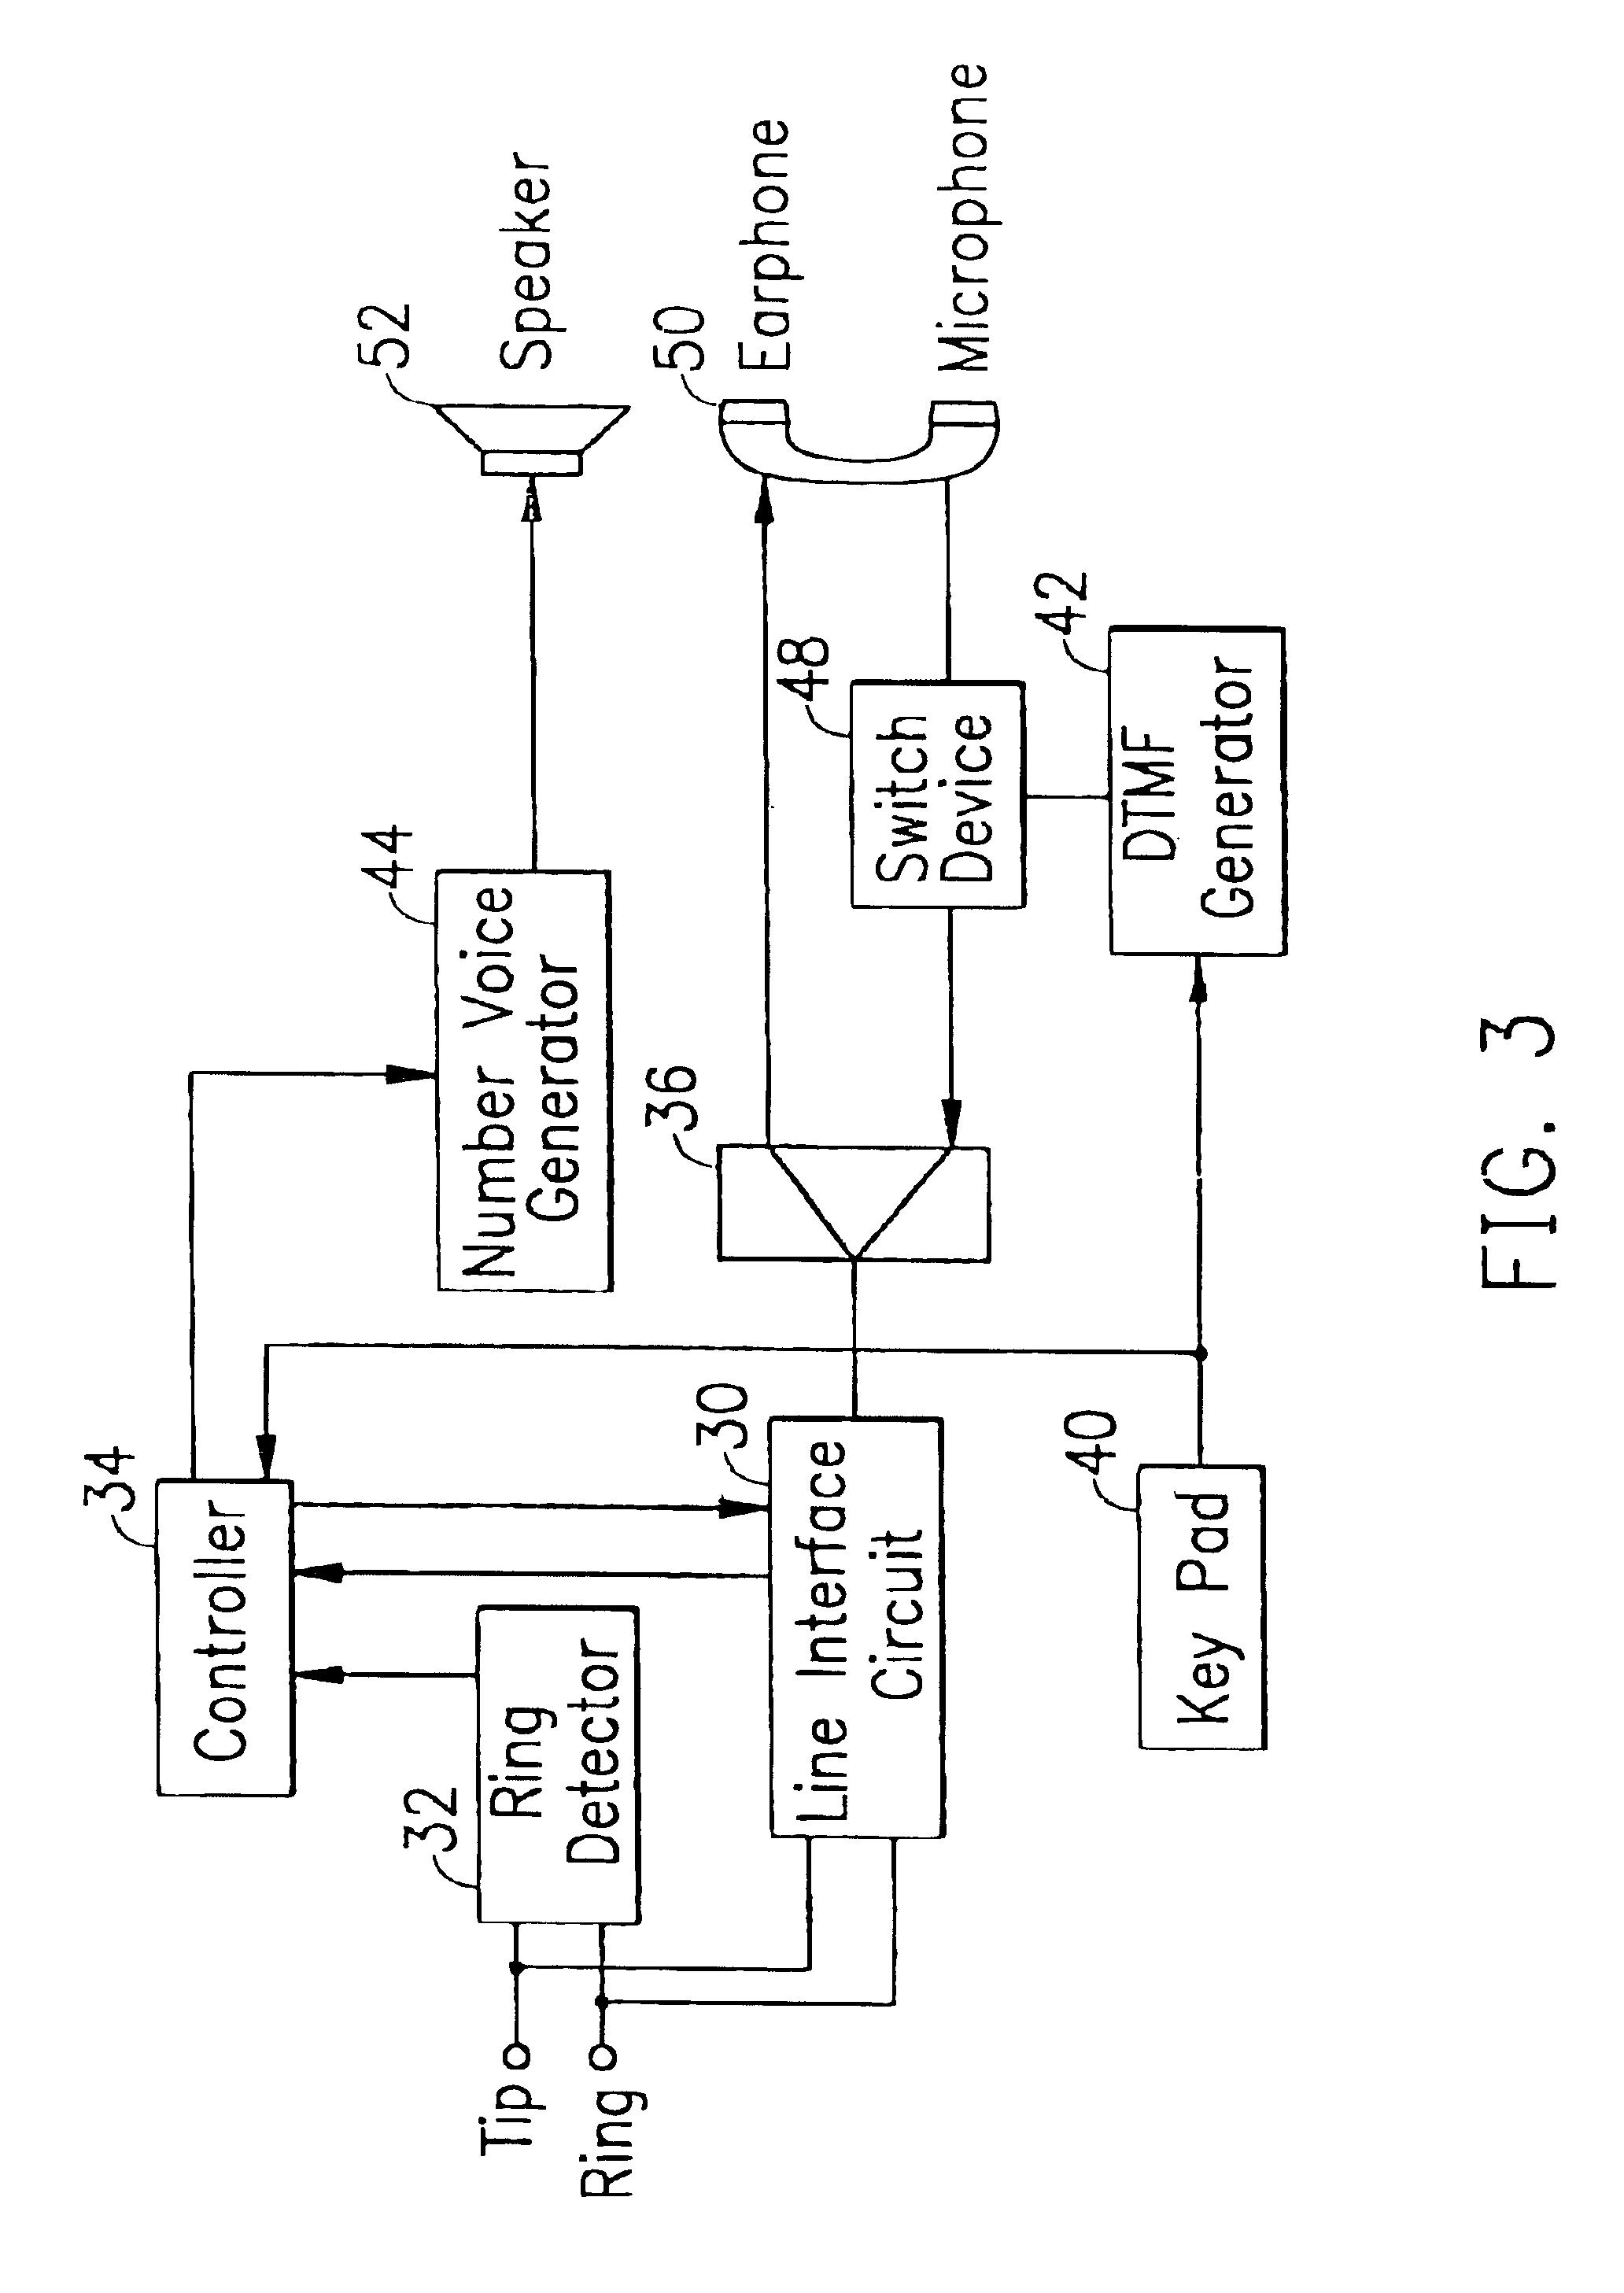 patent us6636586